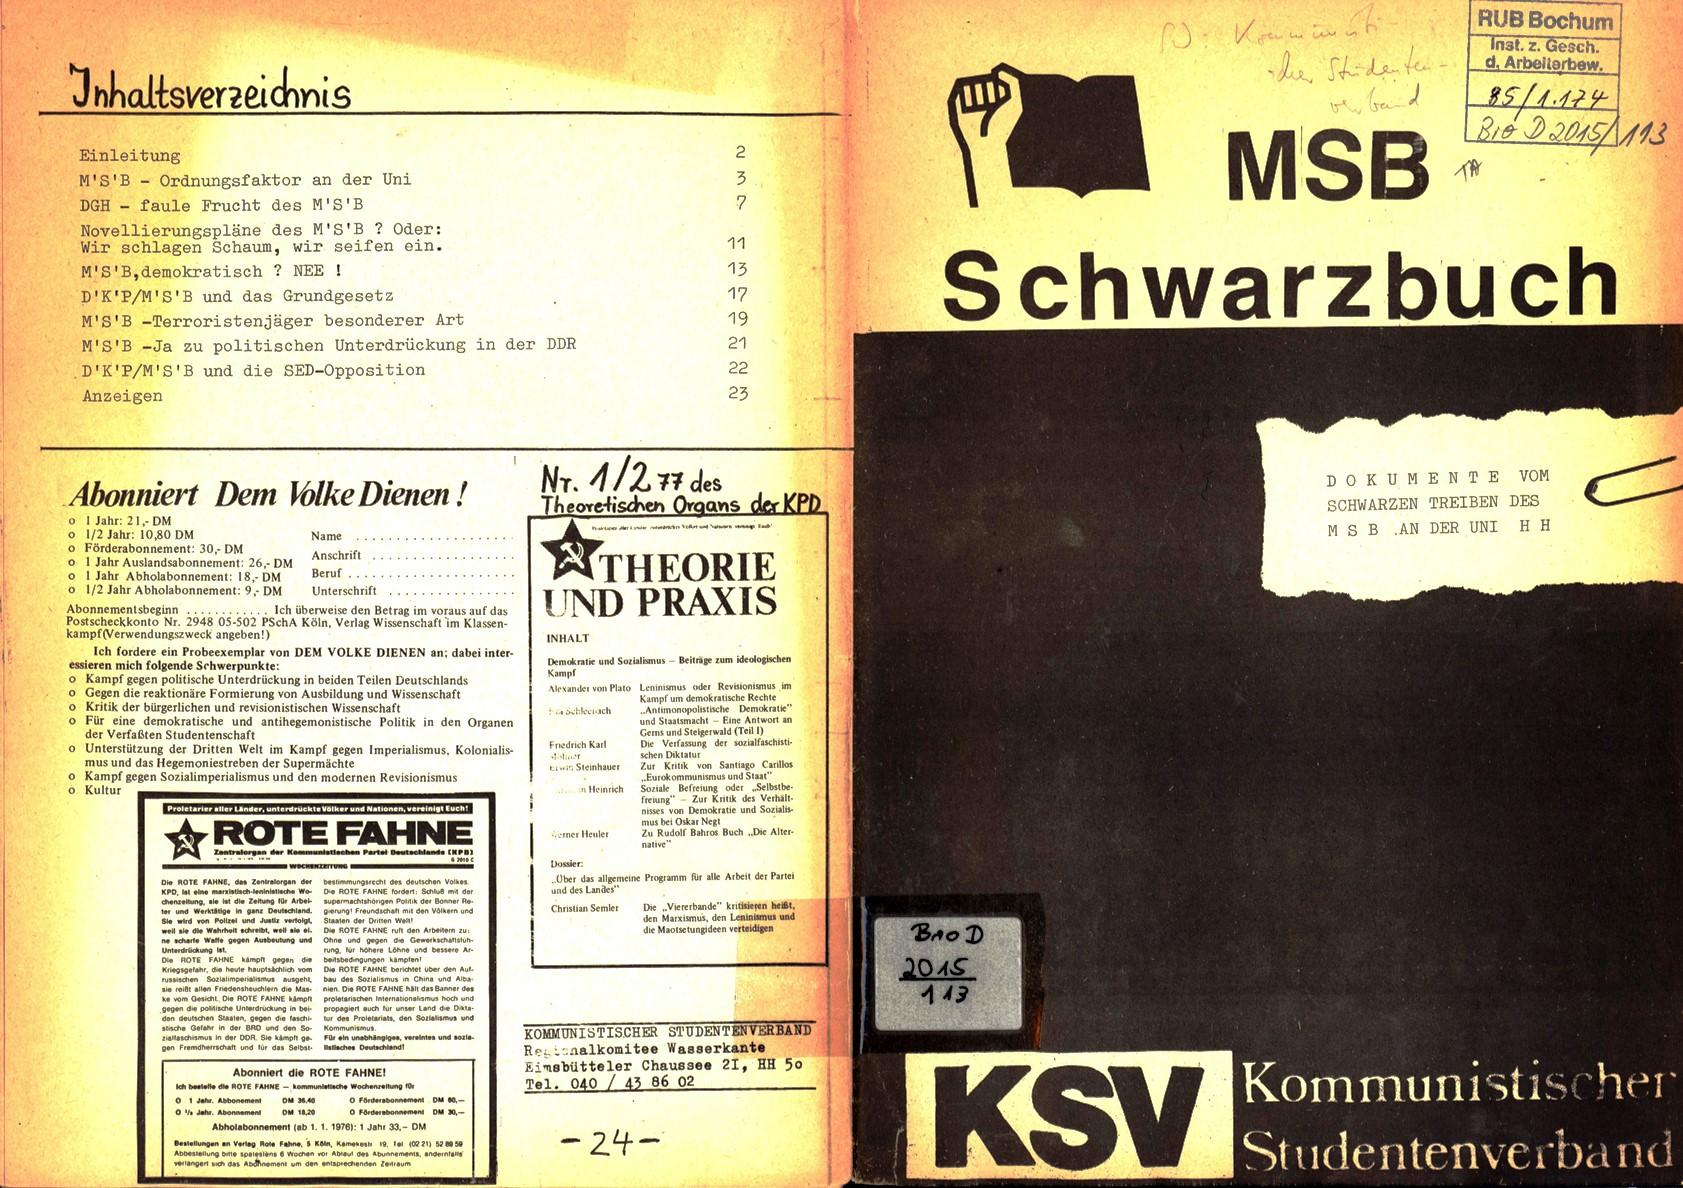 Hamburg_KSV_1978_MSB_Schwarzbuch_01